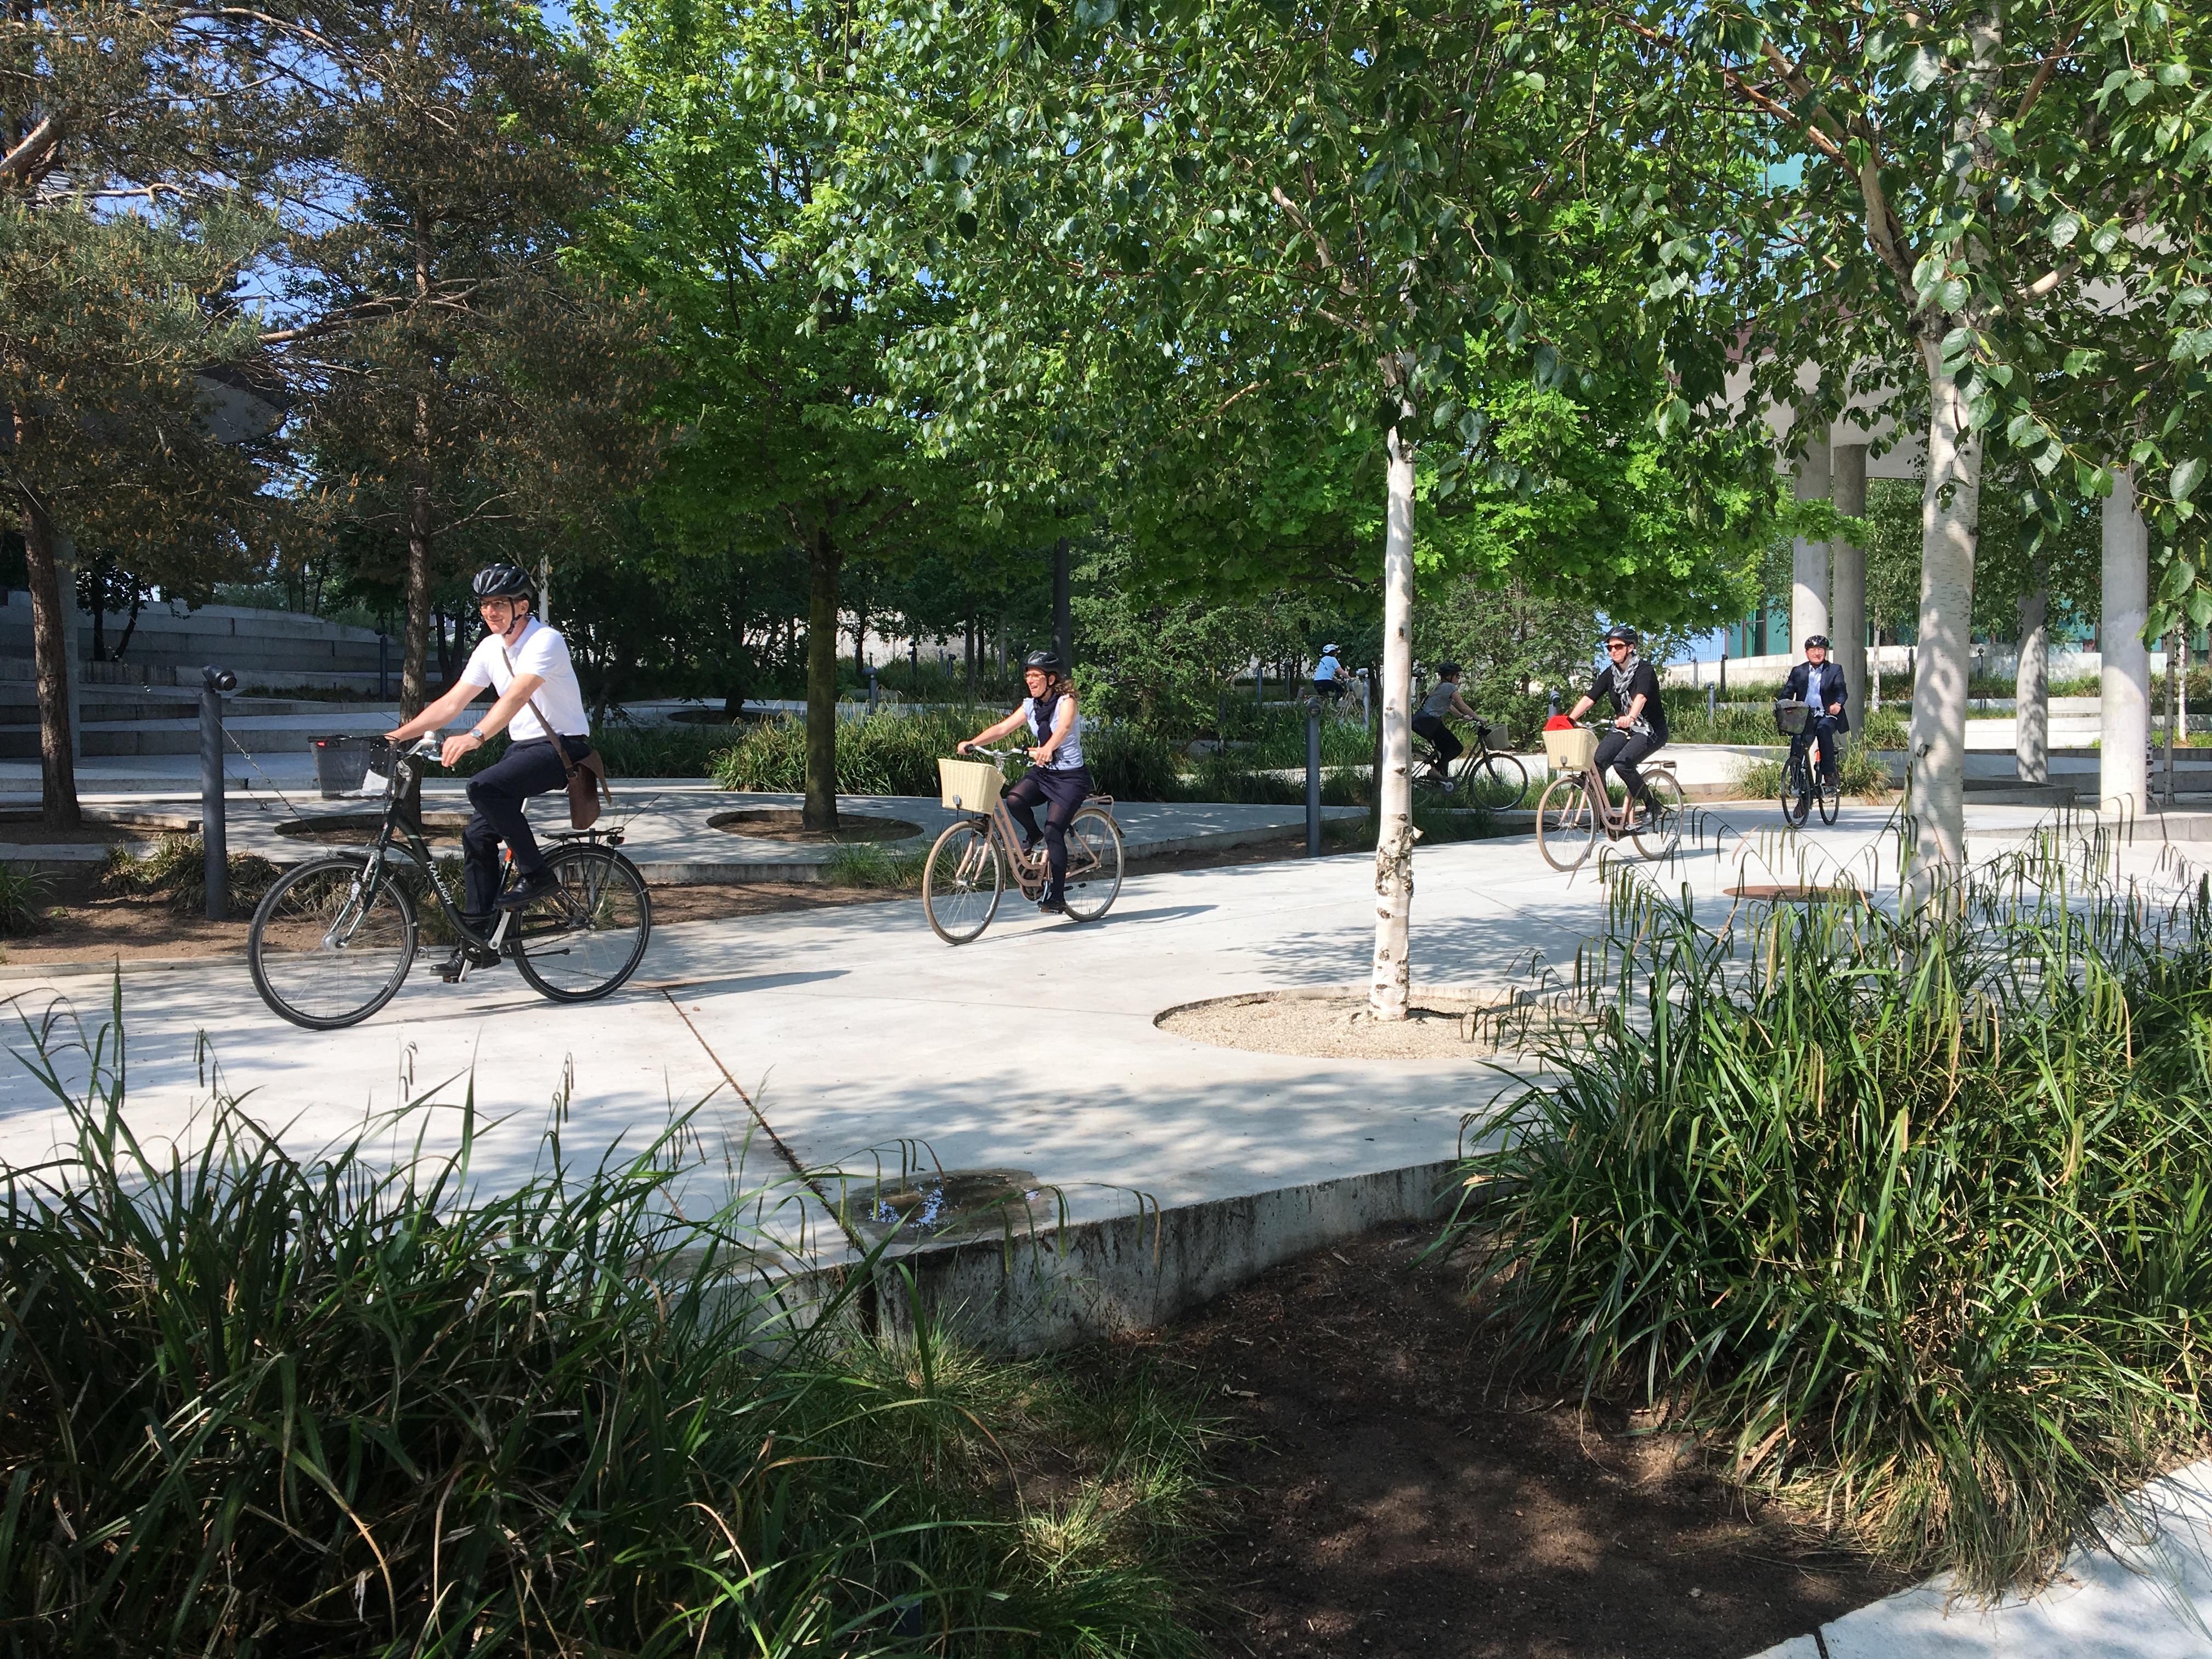 The Sustainable Copenhagen of the Future Biking Tour 2